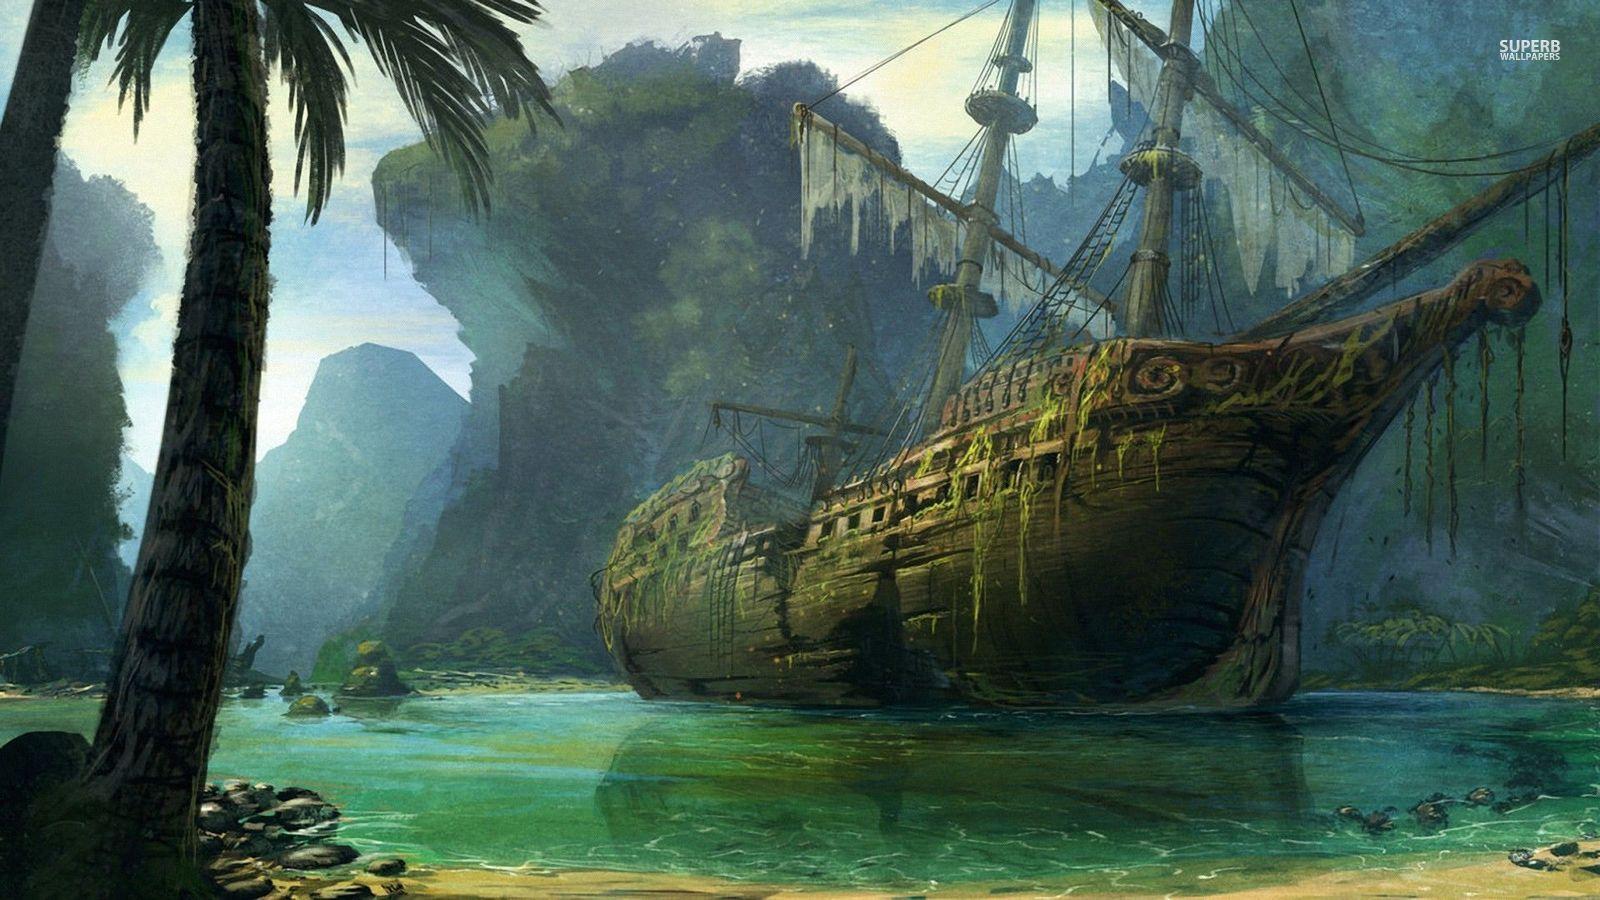 Pirate Ship   Pirates Wallpaper 38684965 1600x900